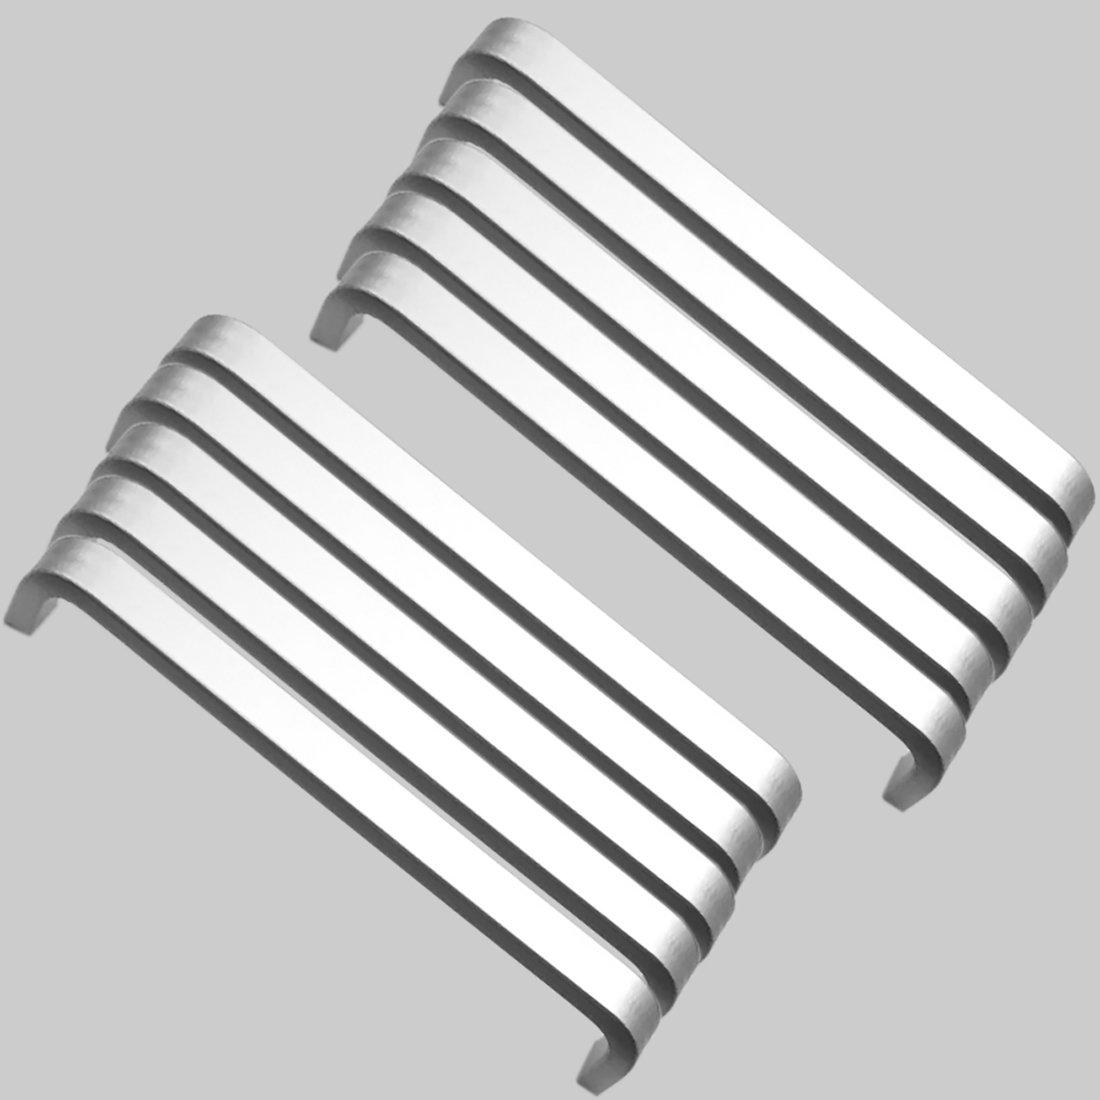 10x Mini Tiradores de barra de Aluminio Caj/ón De Armario Armario Manillas Tiradores Puerta 64mm